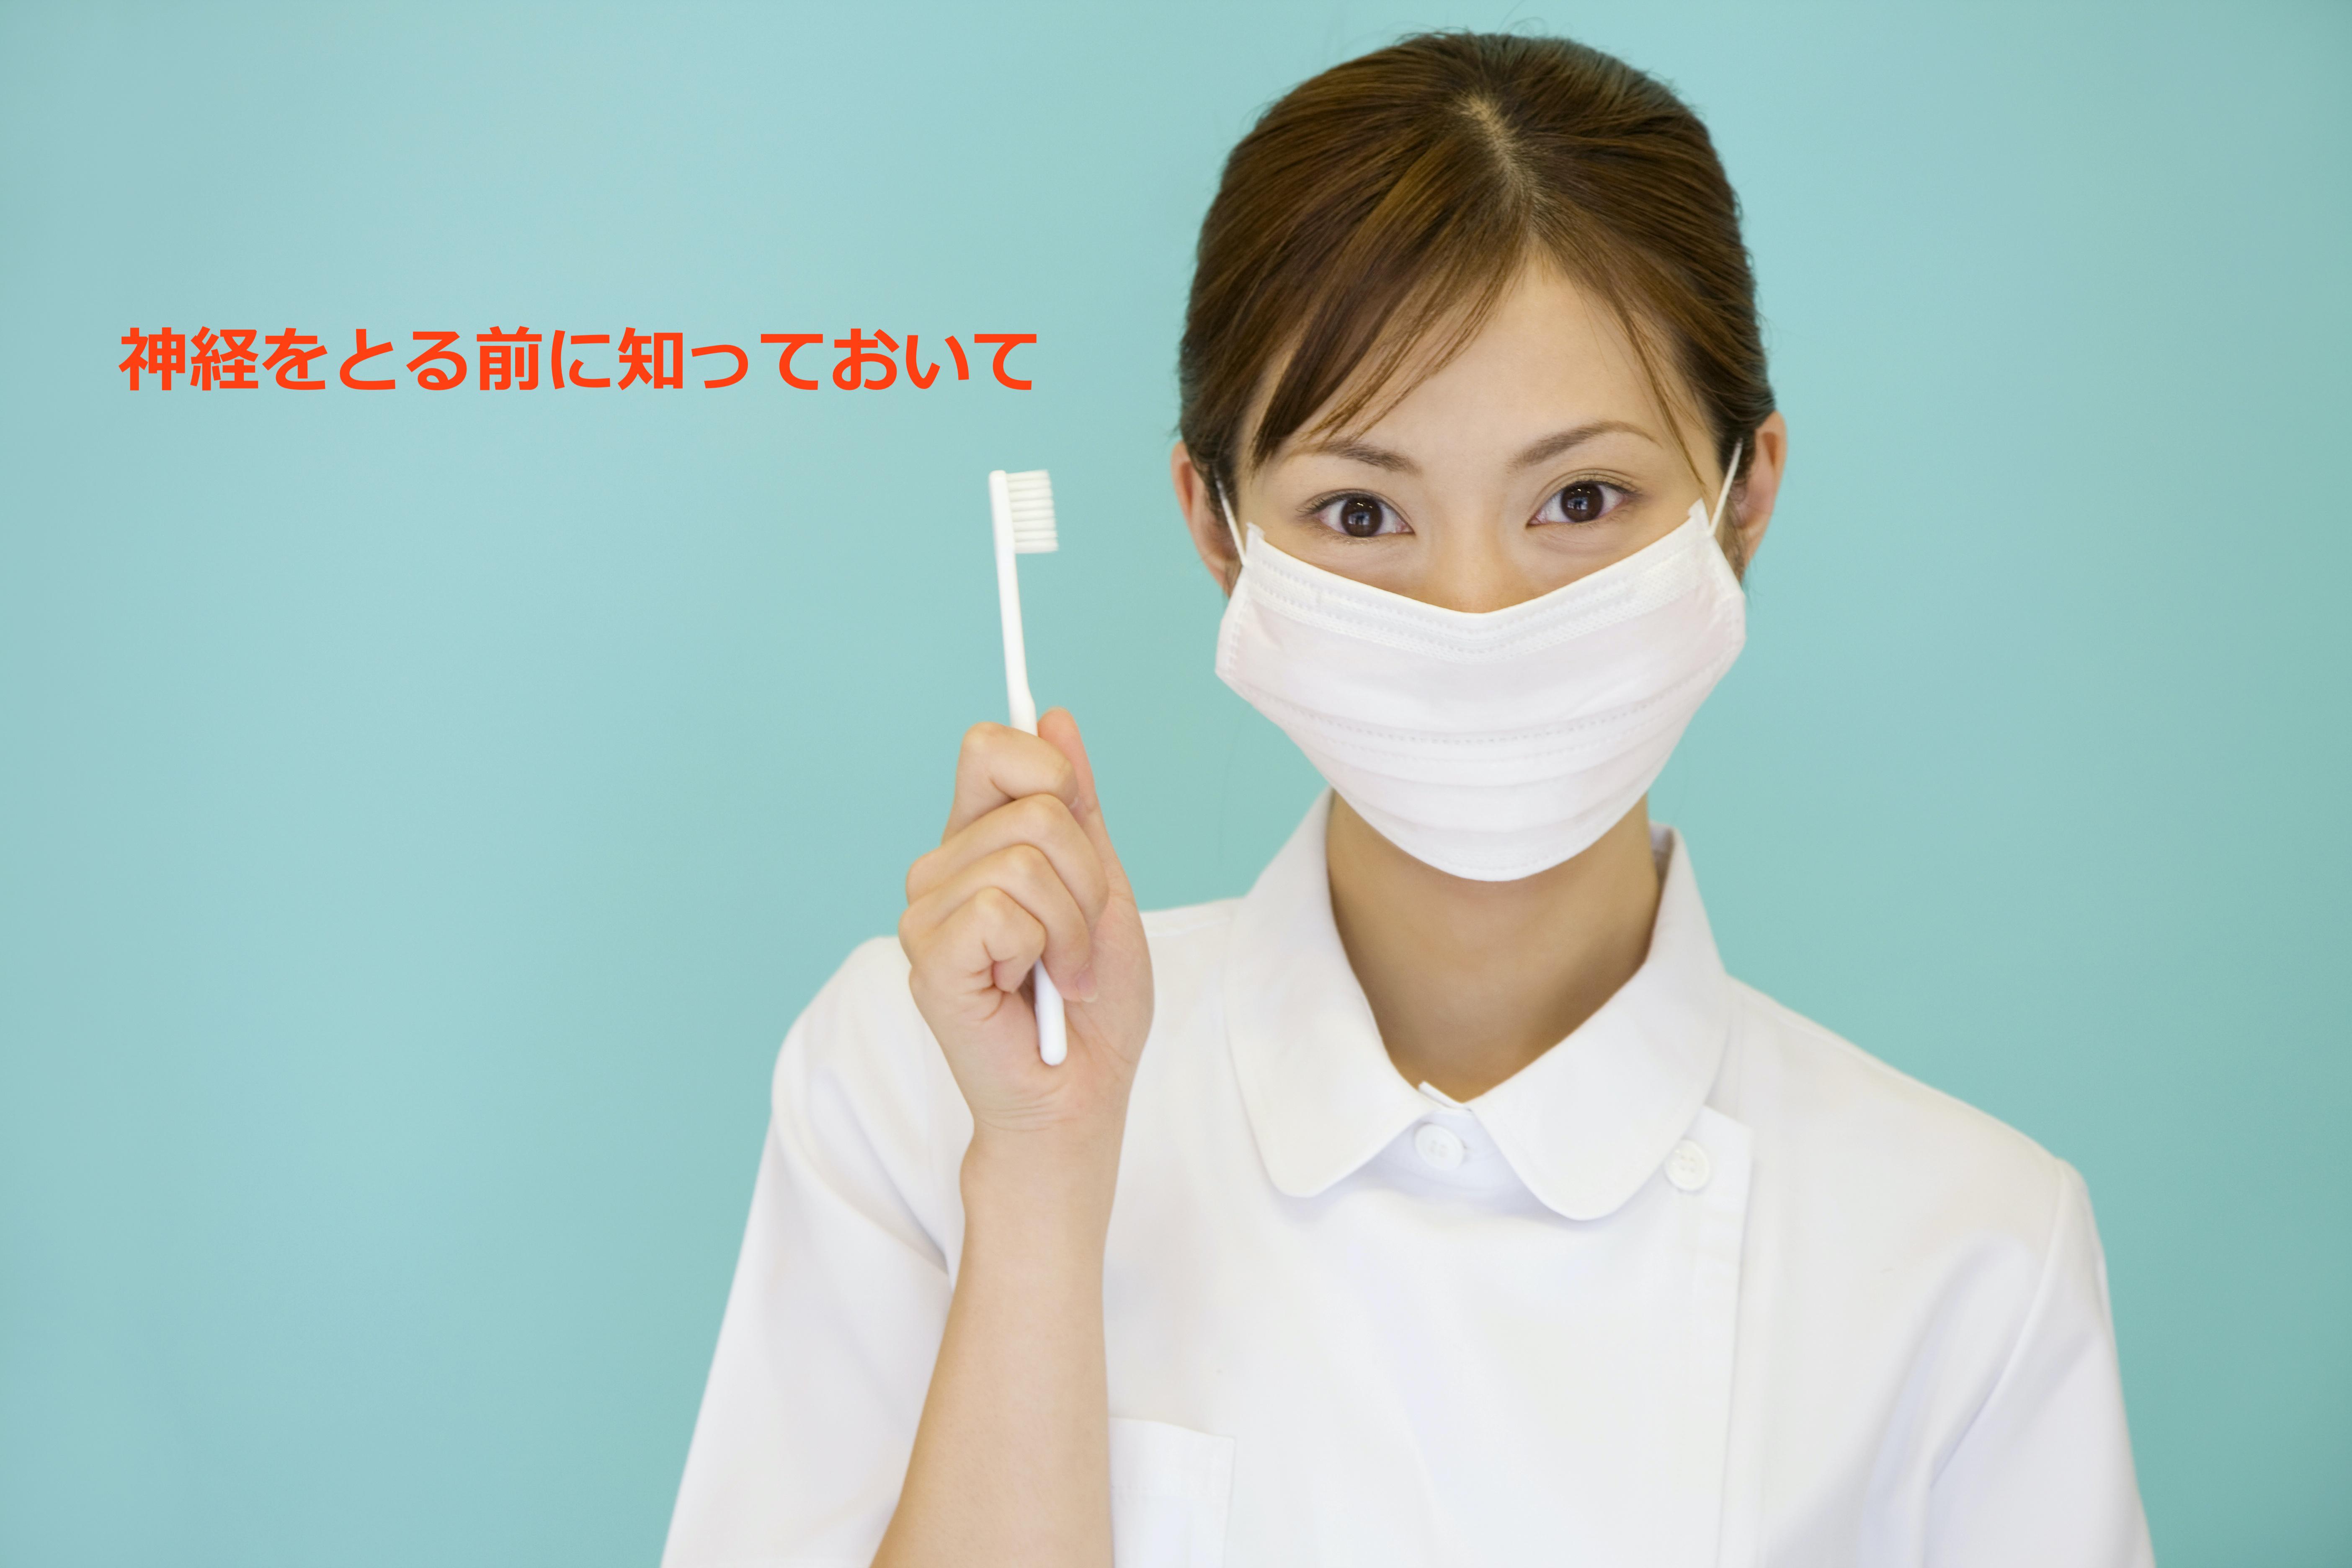 歯の神経は取らずに残す治療法